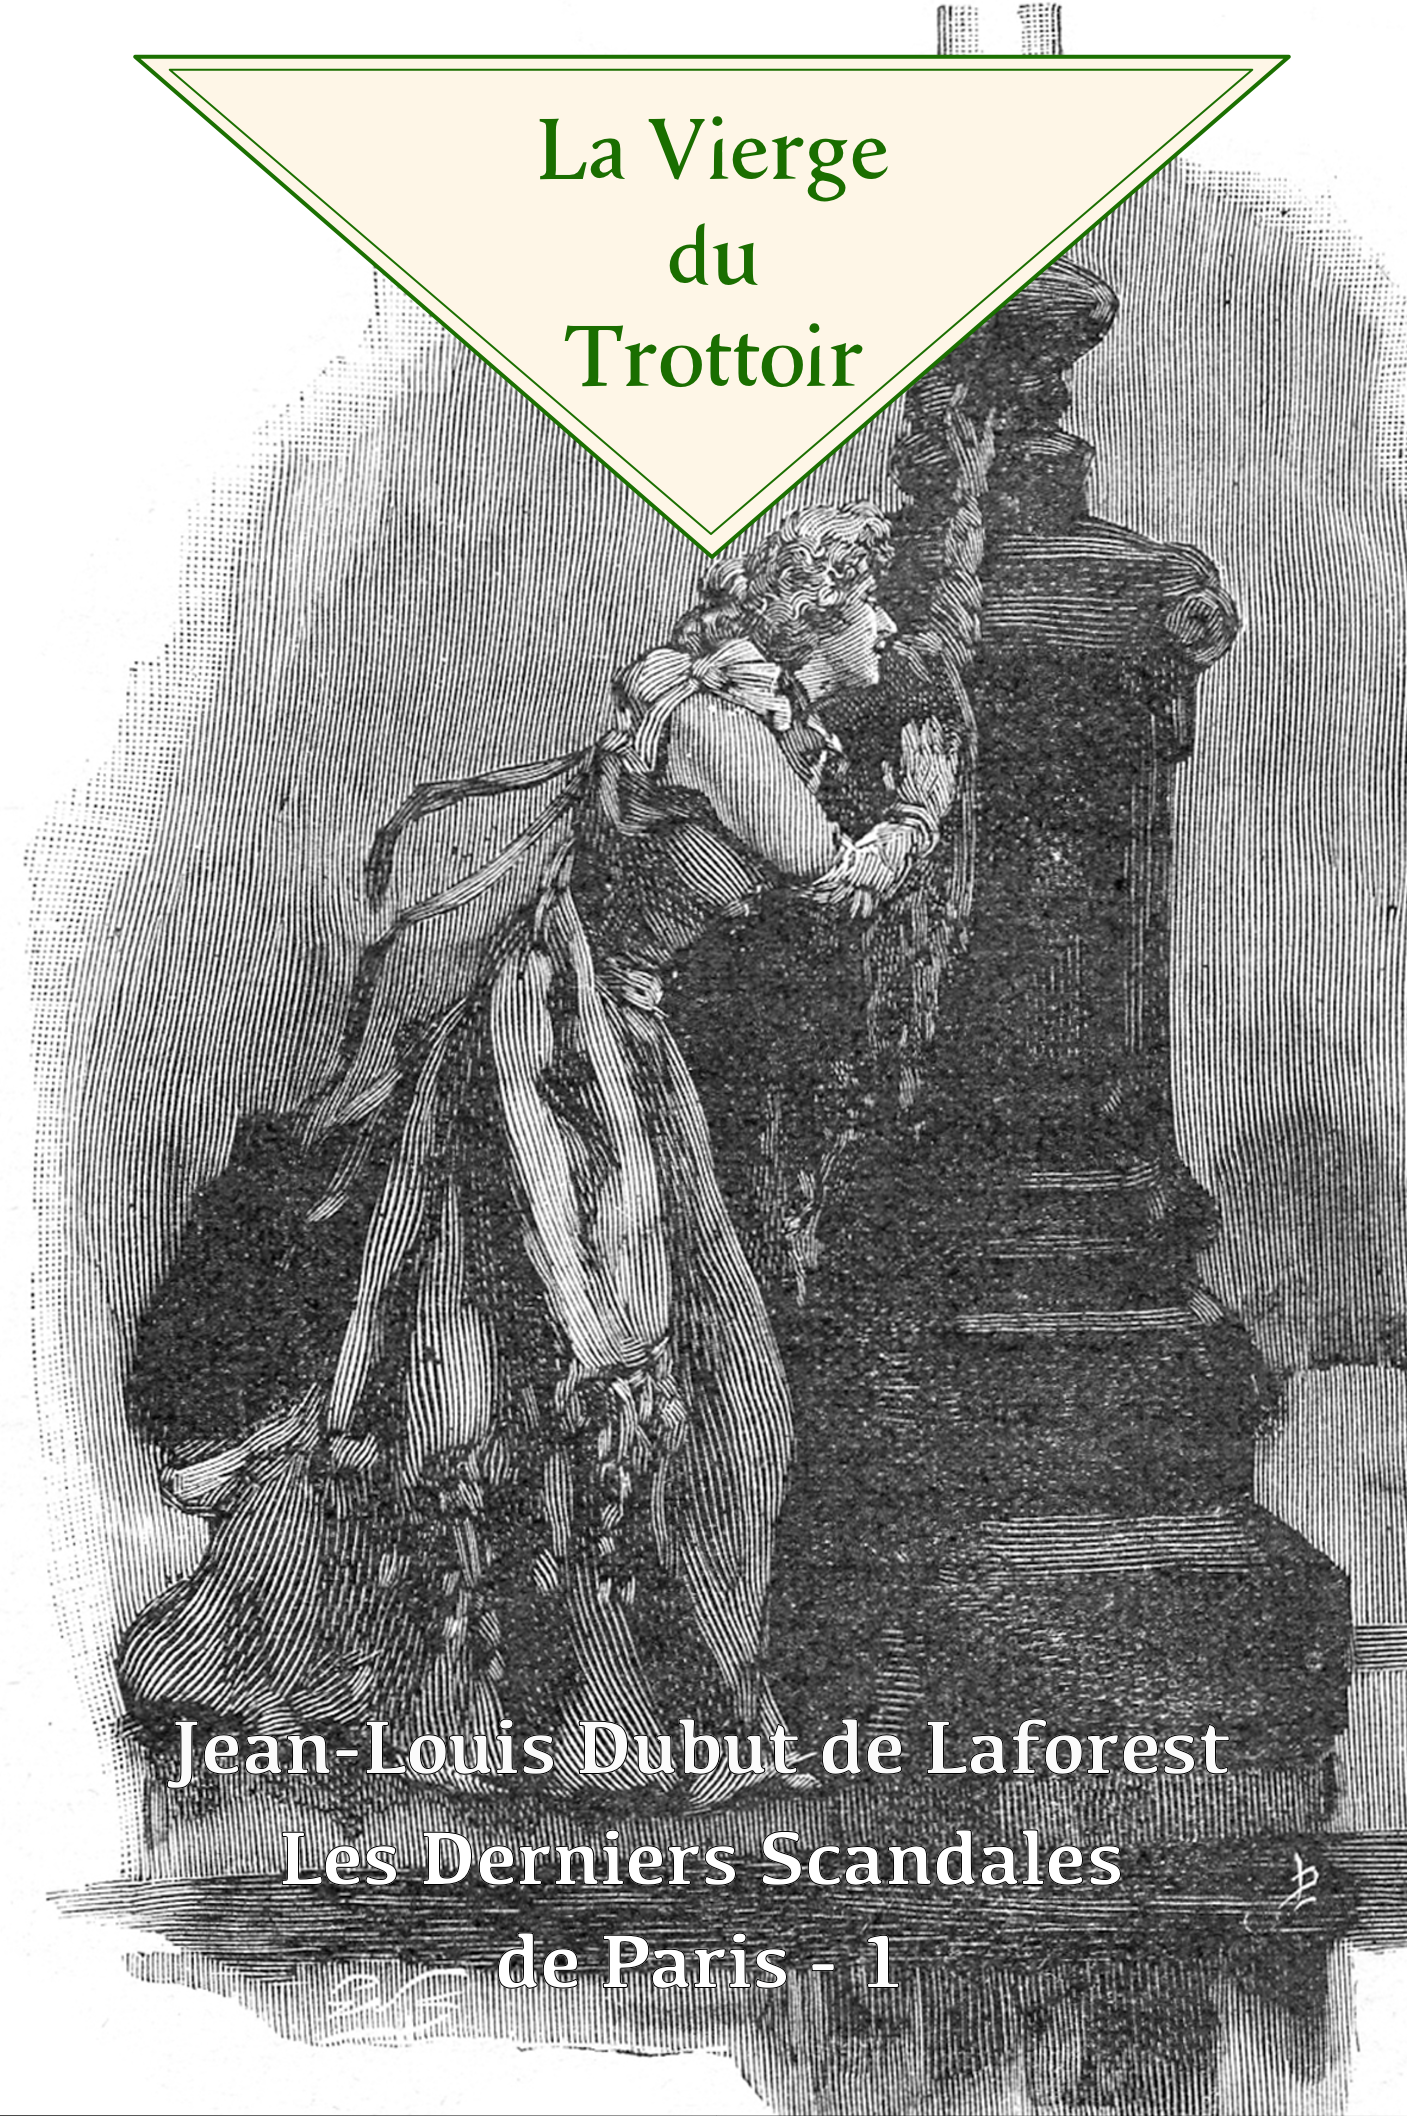 La Vierge du Trottoir - Dubut de Laforest Image